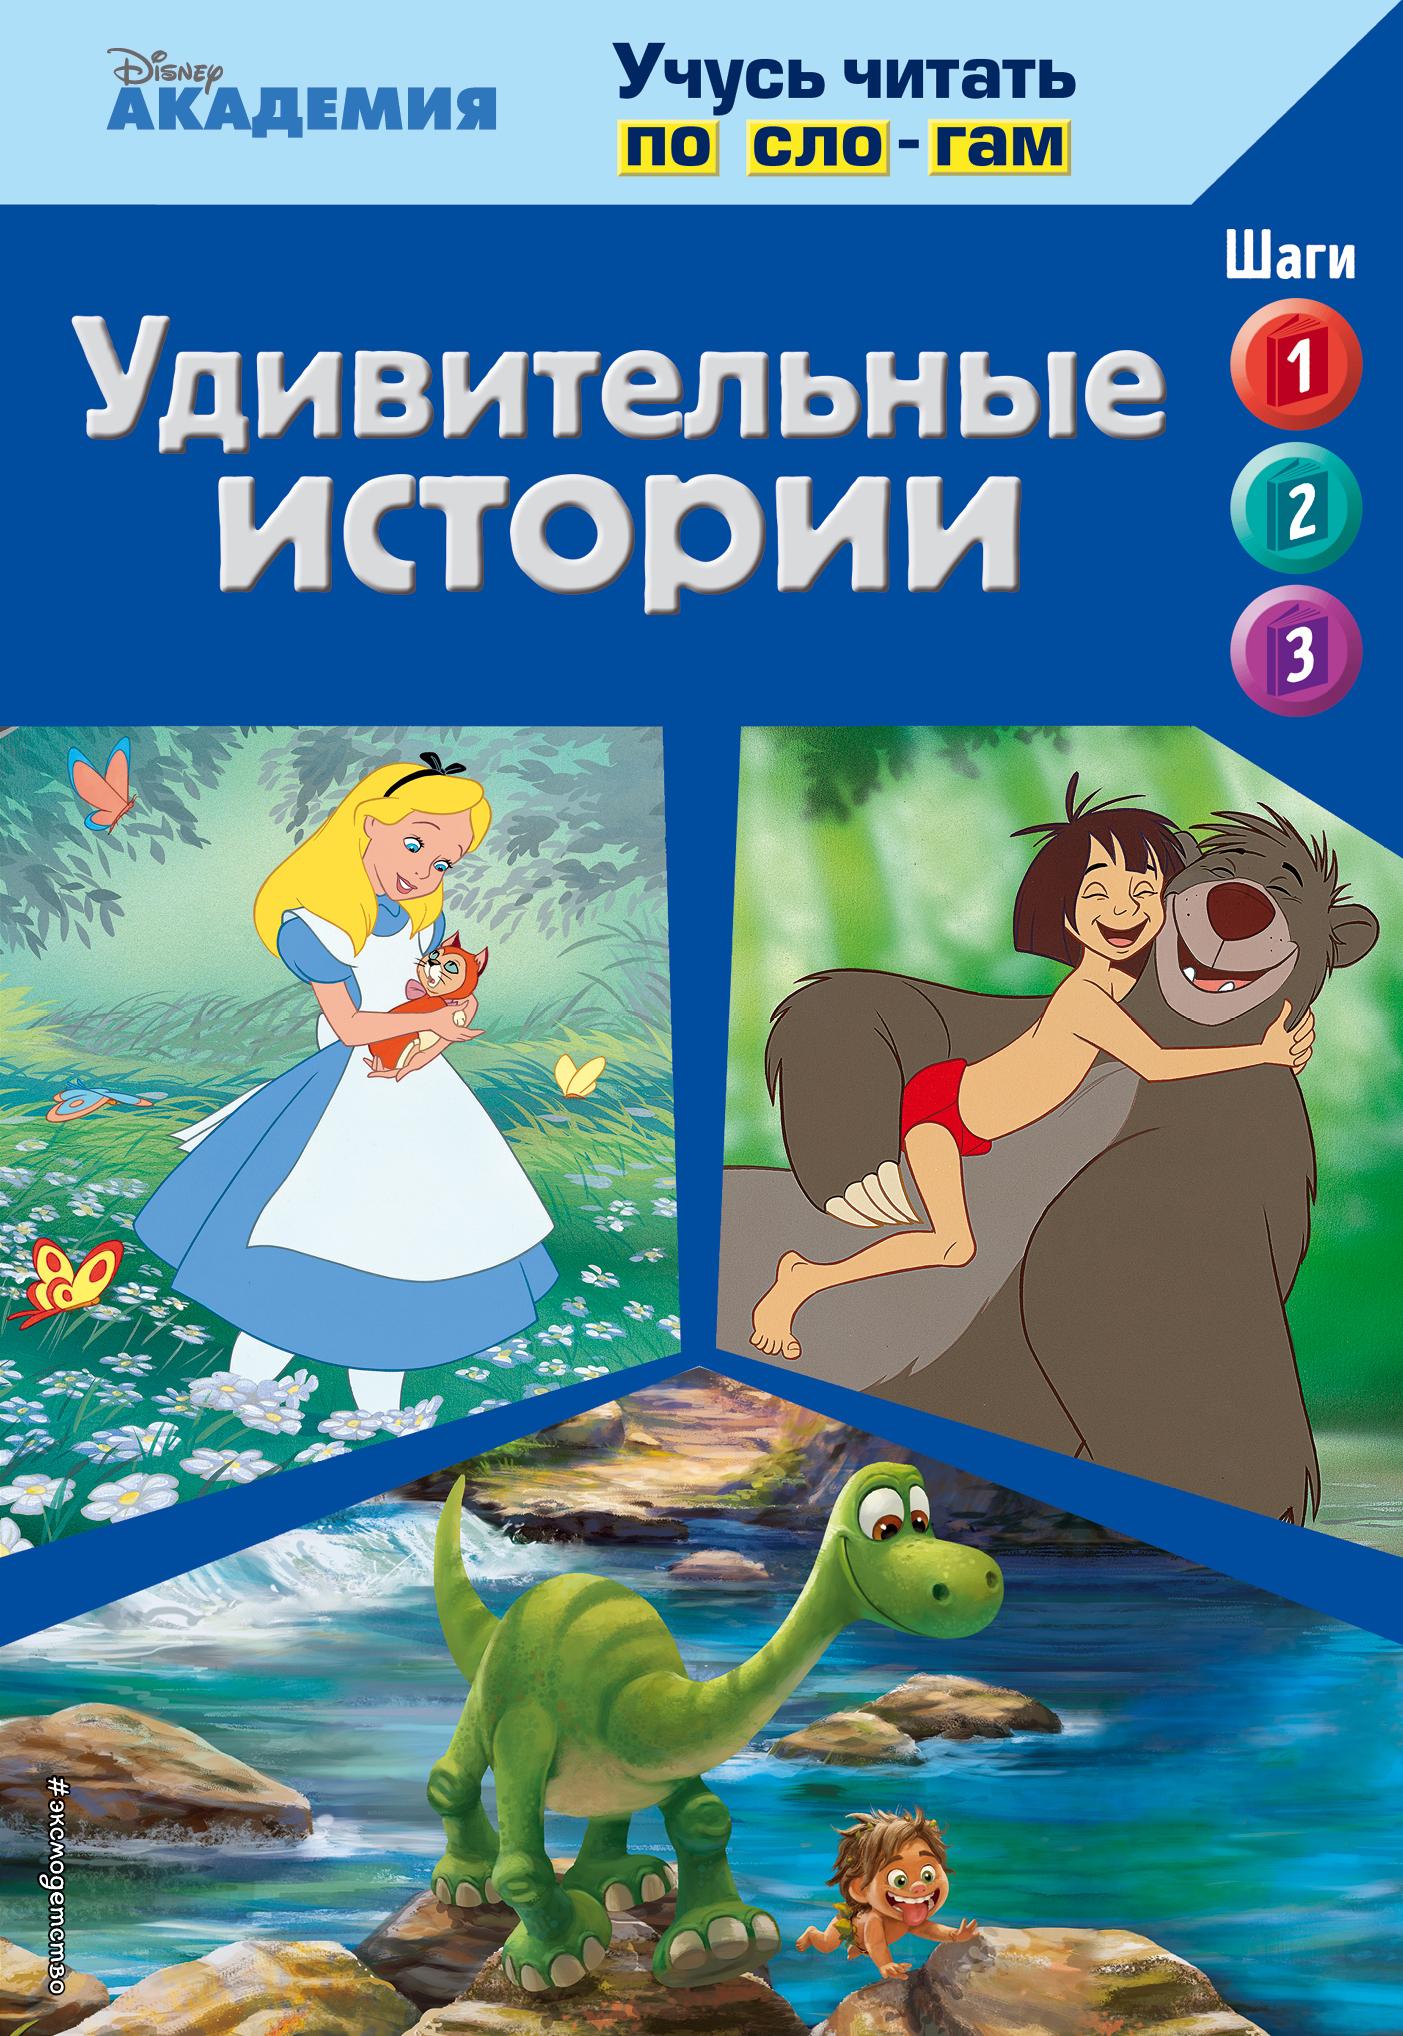 Удивительные истории (The Jungle Book, The Good Dinosaur, Alice in Wonderland) игрушка good dinosaur 62006